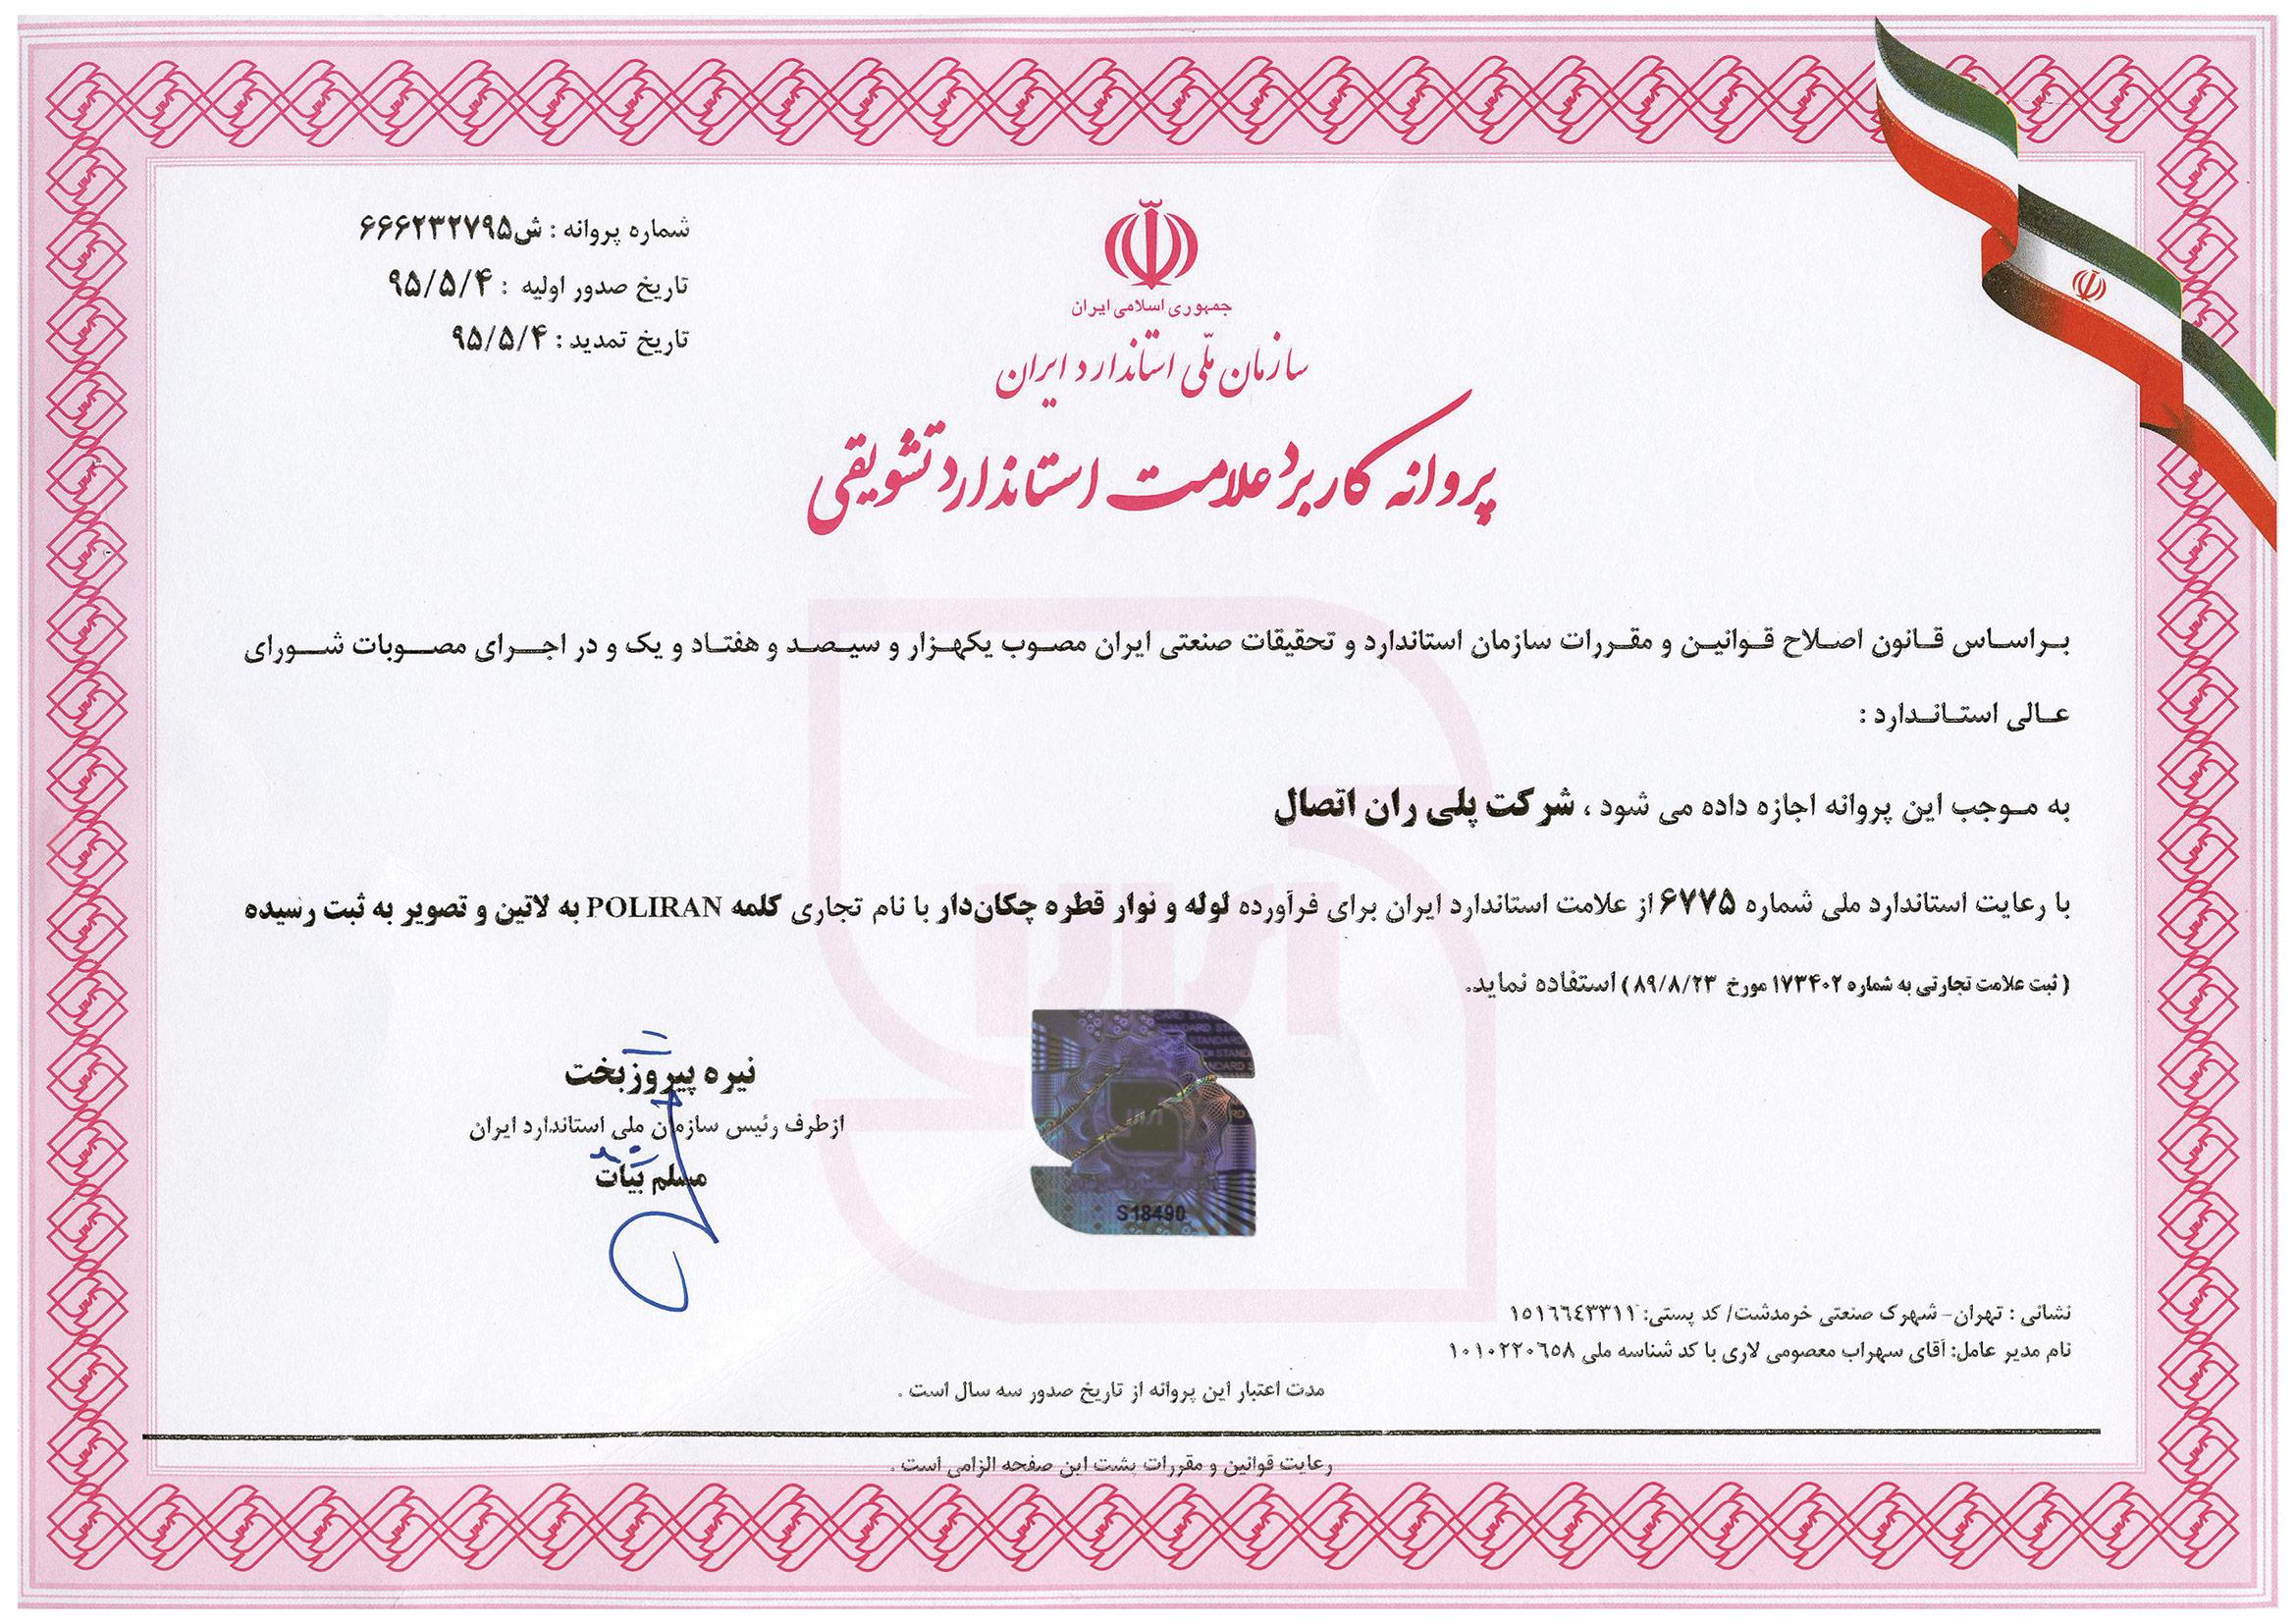 Commend & Encouragement Standard Logo Application Permit